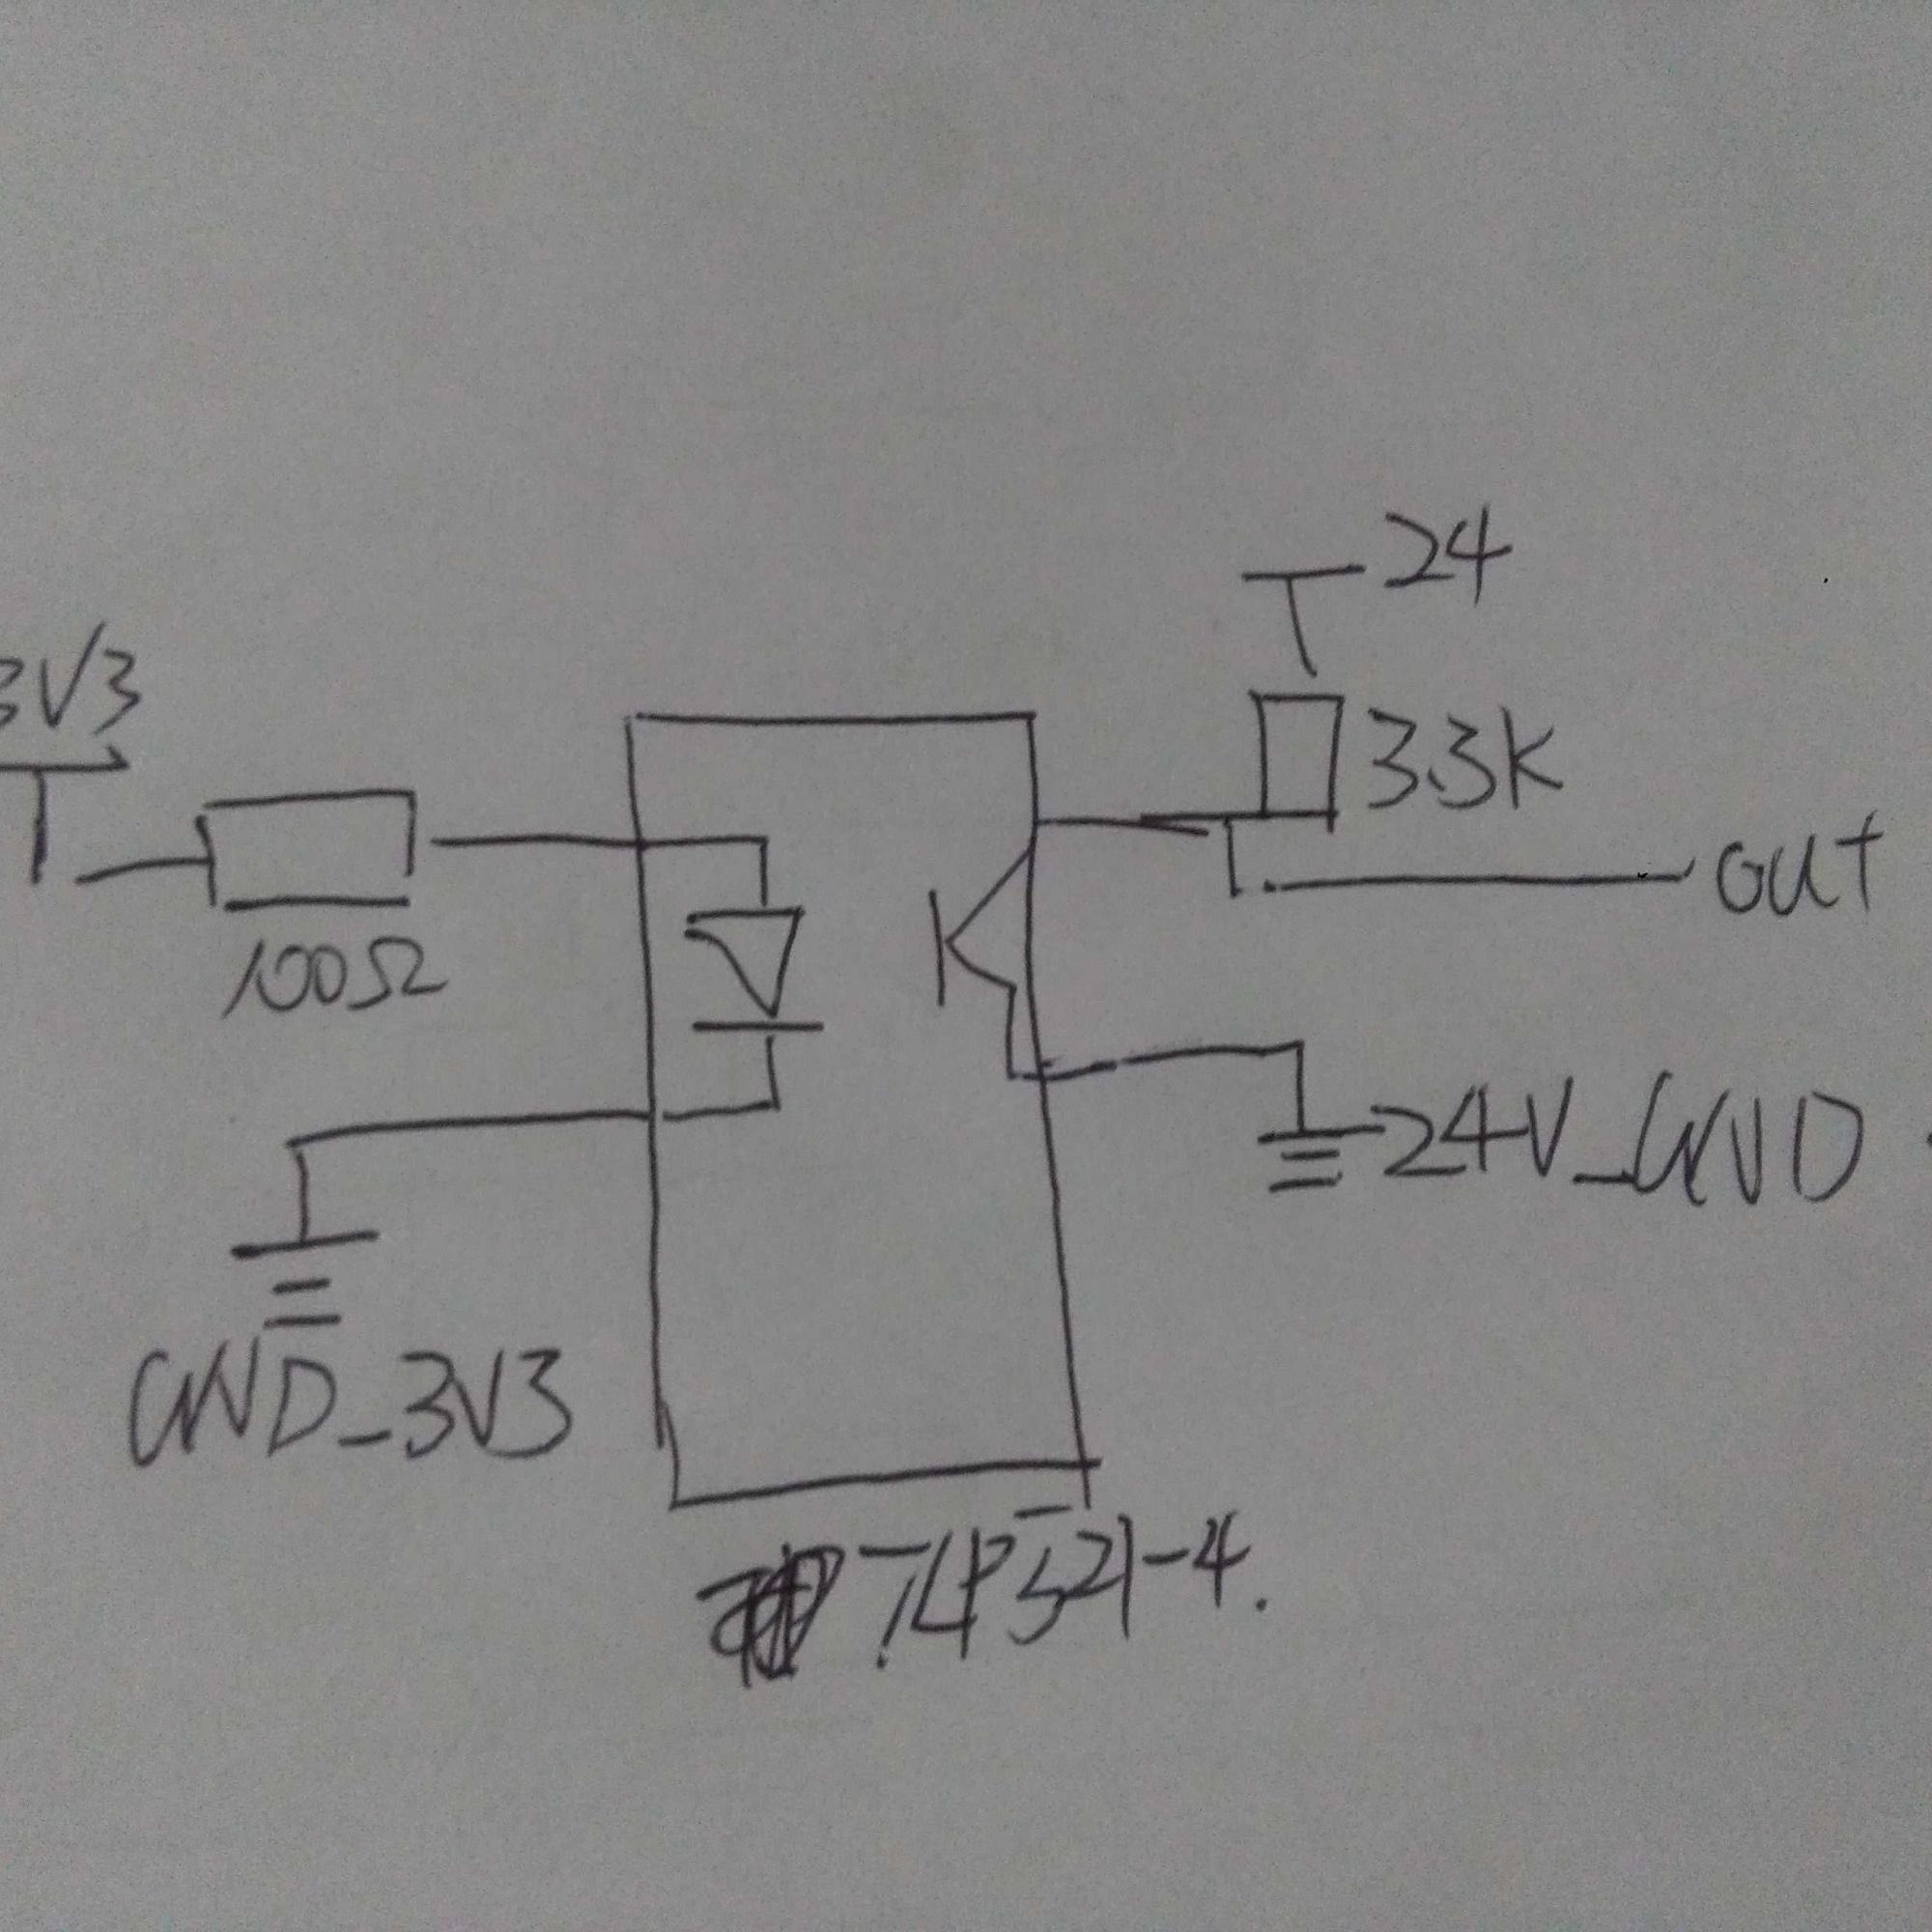 3转24v的的电路的问题 - 单片机/mcu论坛